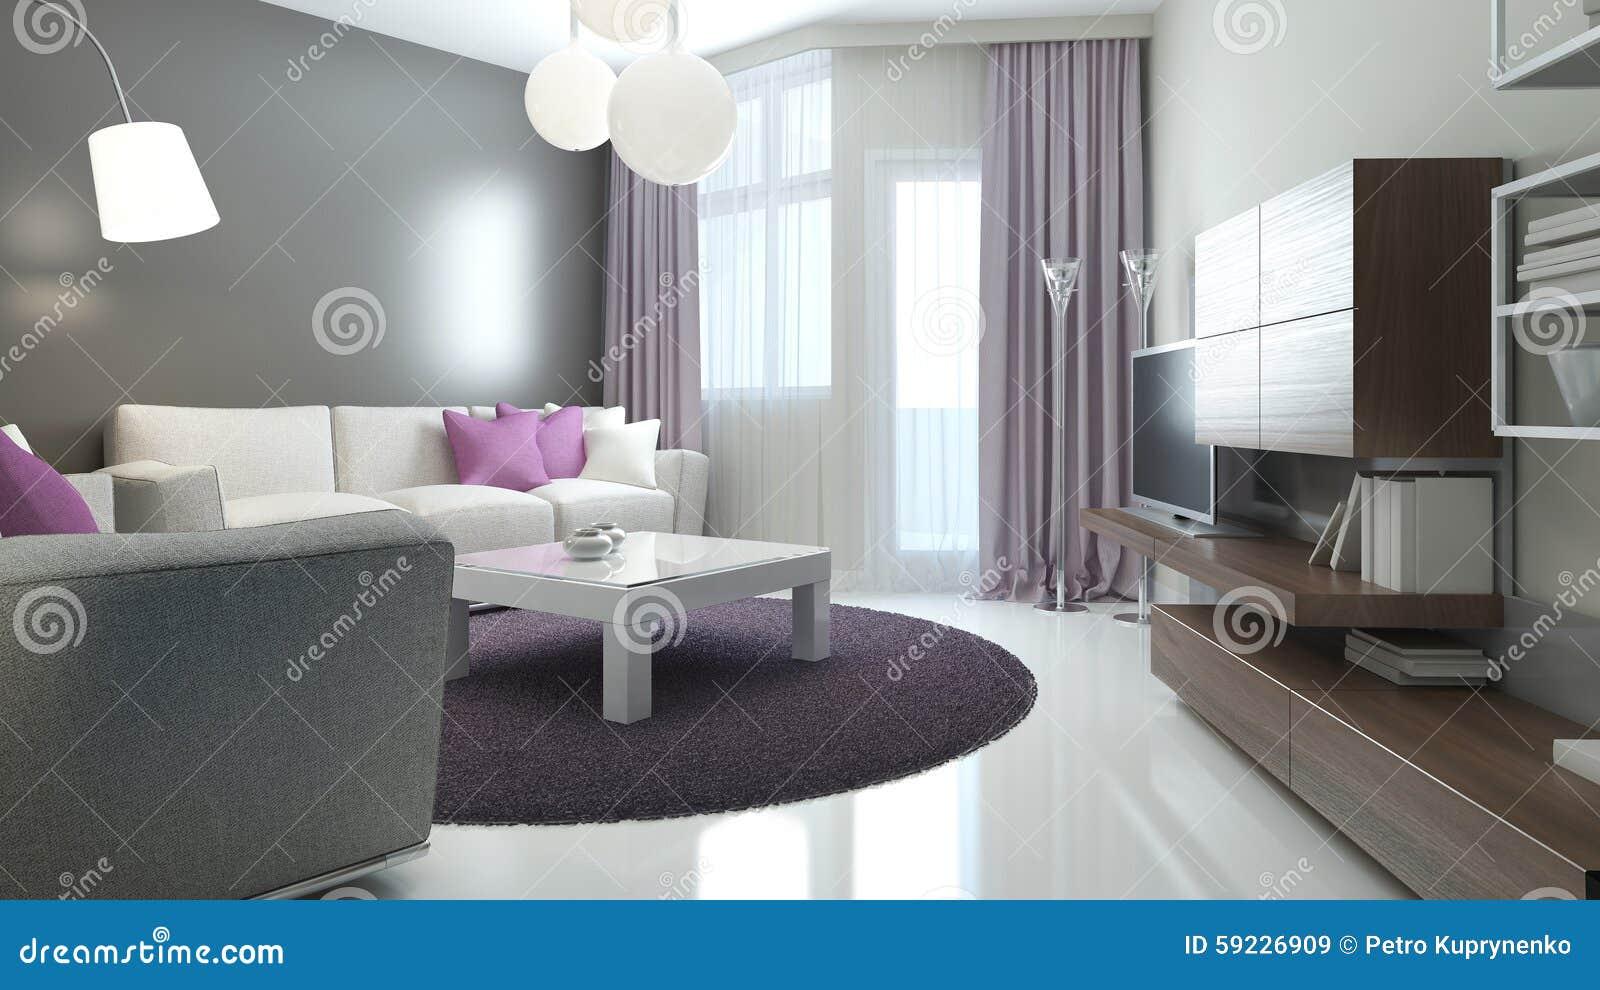 Idea del salón moderno